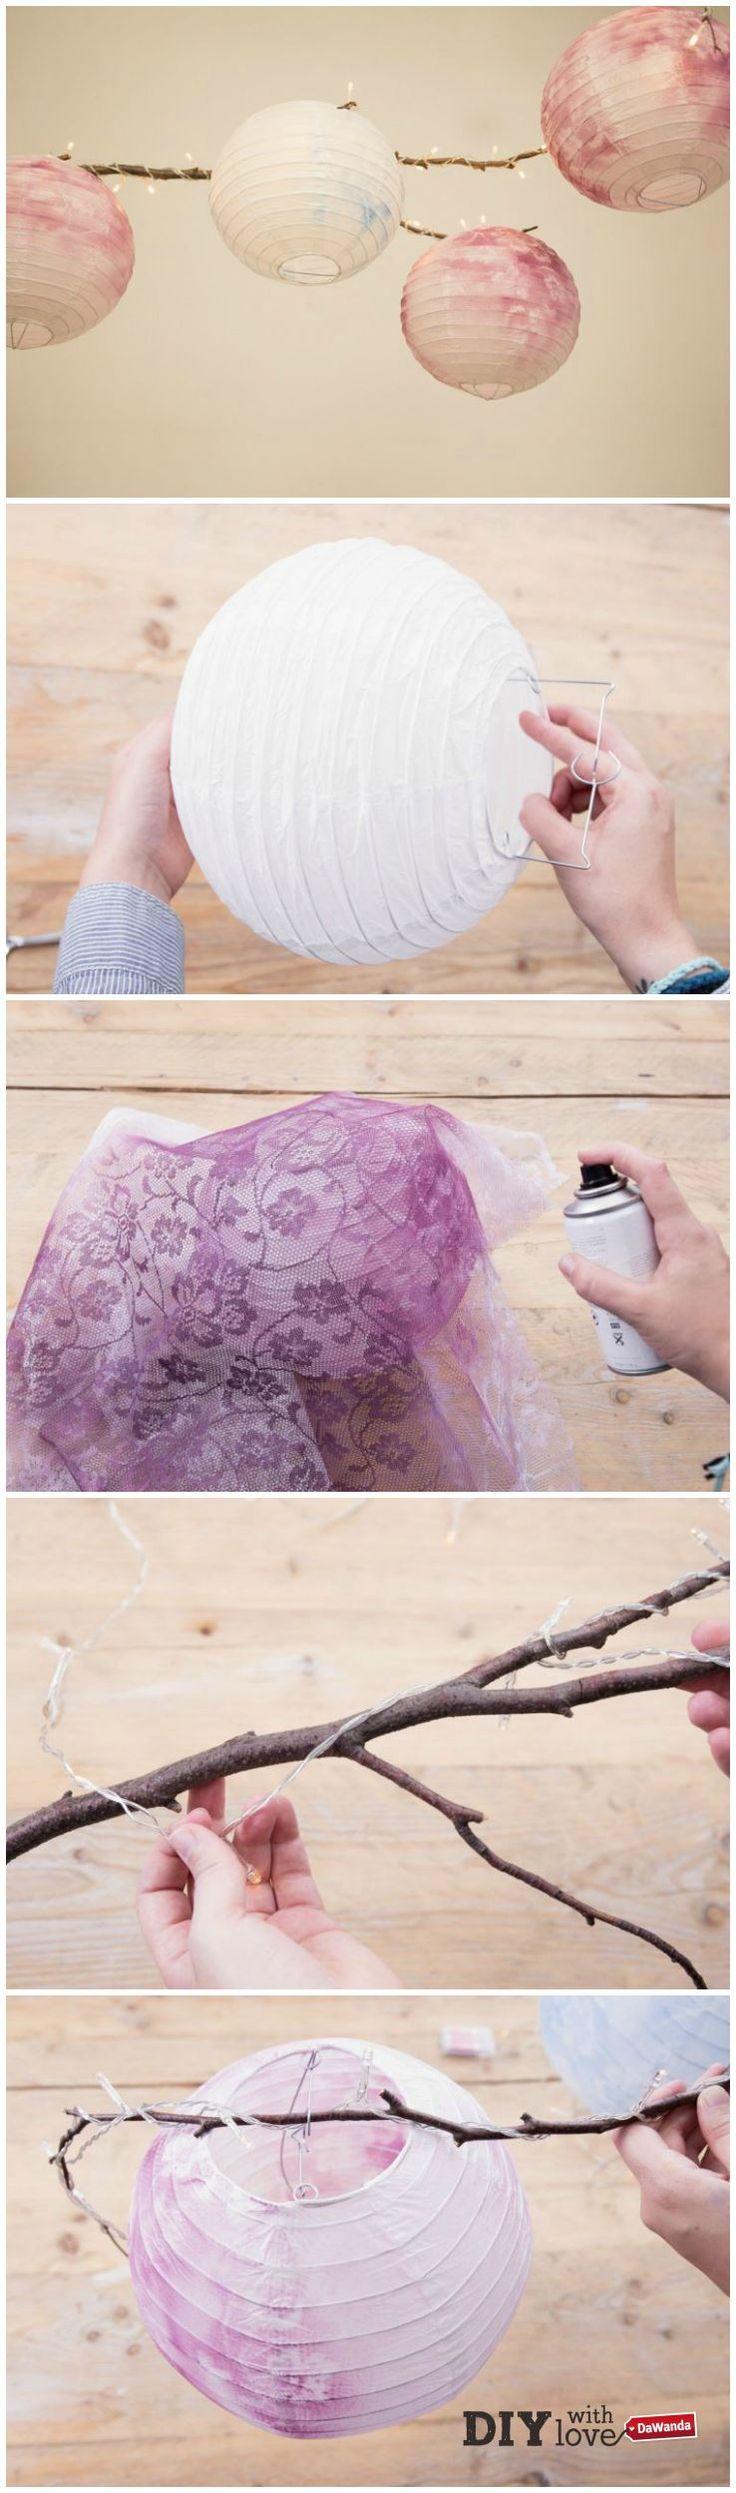 Trasformare i lampadari di carta usando il pizzo: scopri come fare con il nostro tutorial - http://it.dawanda.com/tutorial-fai-da-te/idee-creative/come-decorare-lampadario-carta-pizzo-vernice-spray